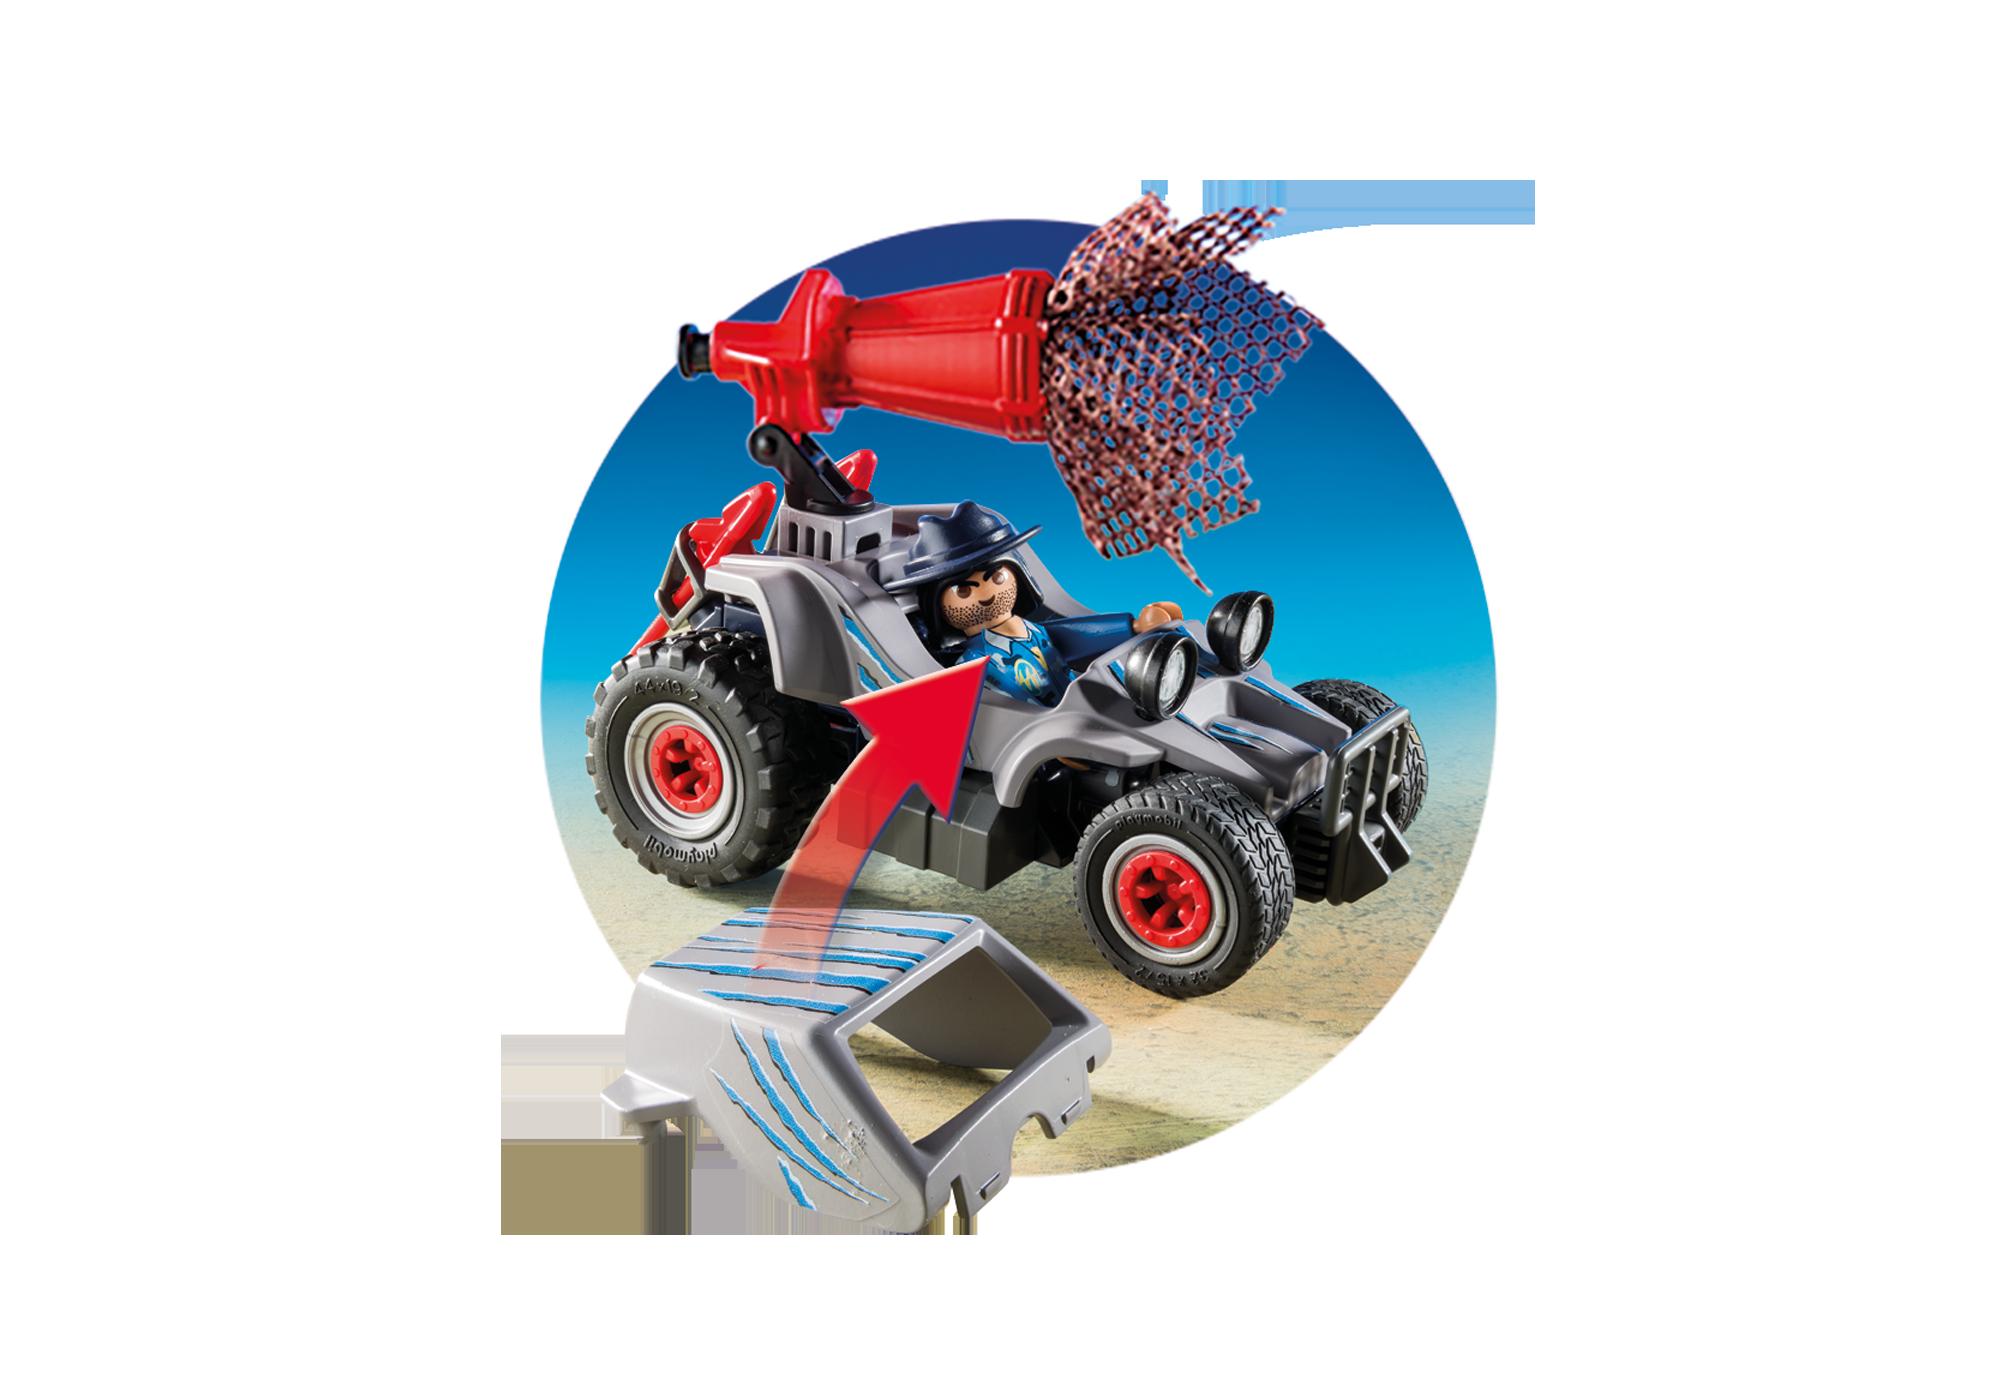 http://media.playmobil.com/i/playmobil/9434_product_extra3/Samochód terenowy z działającą wyrzutnią sieci